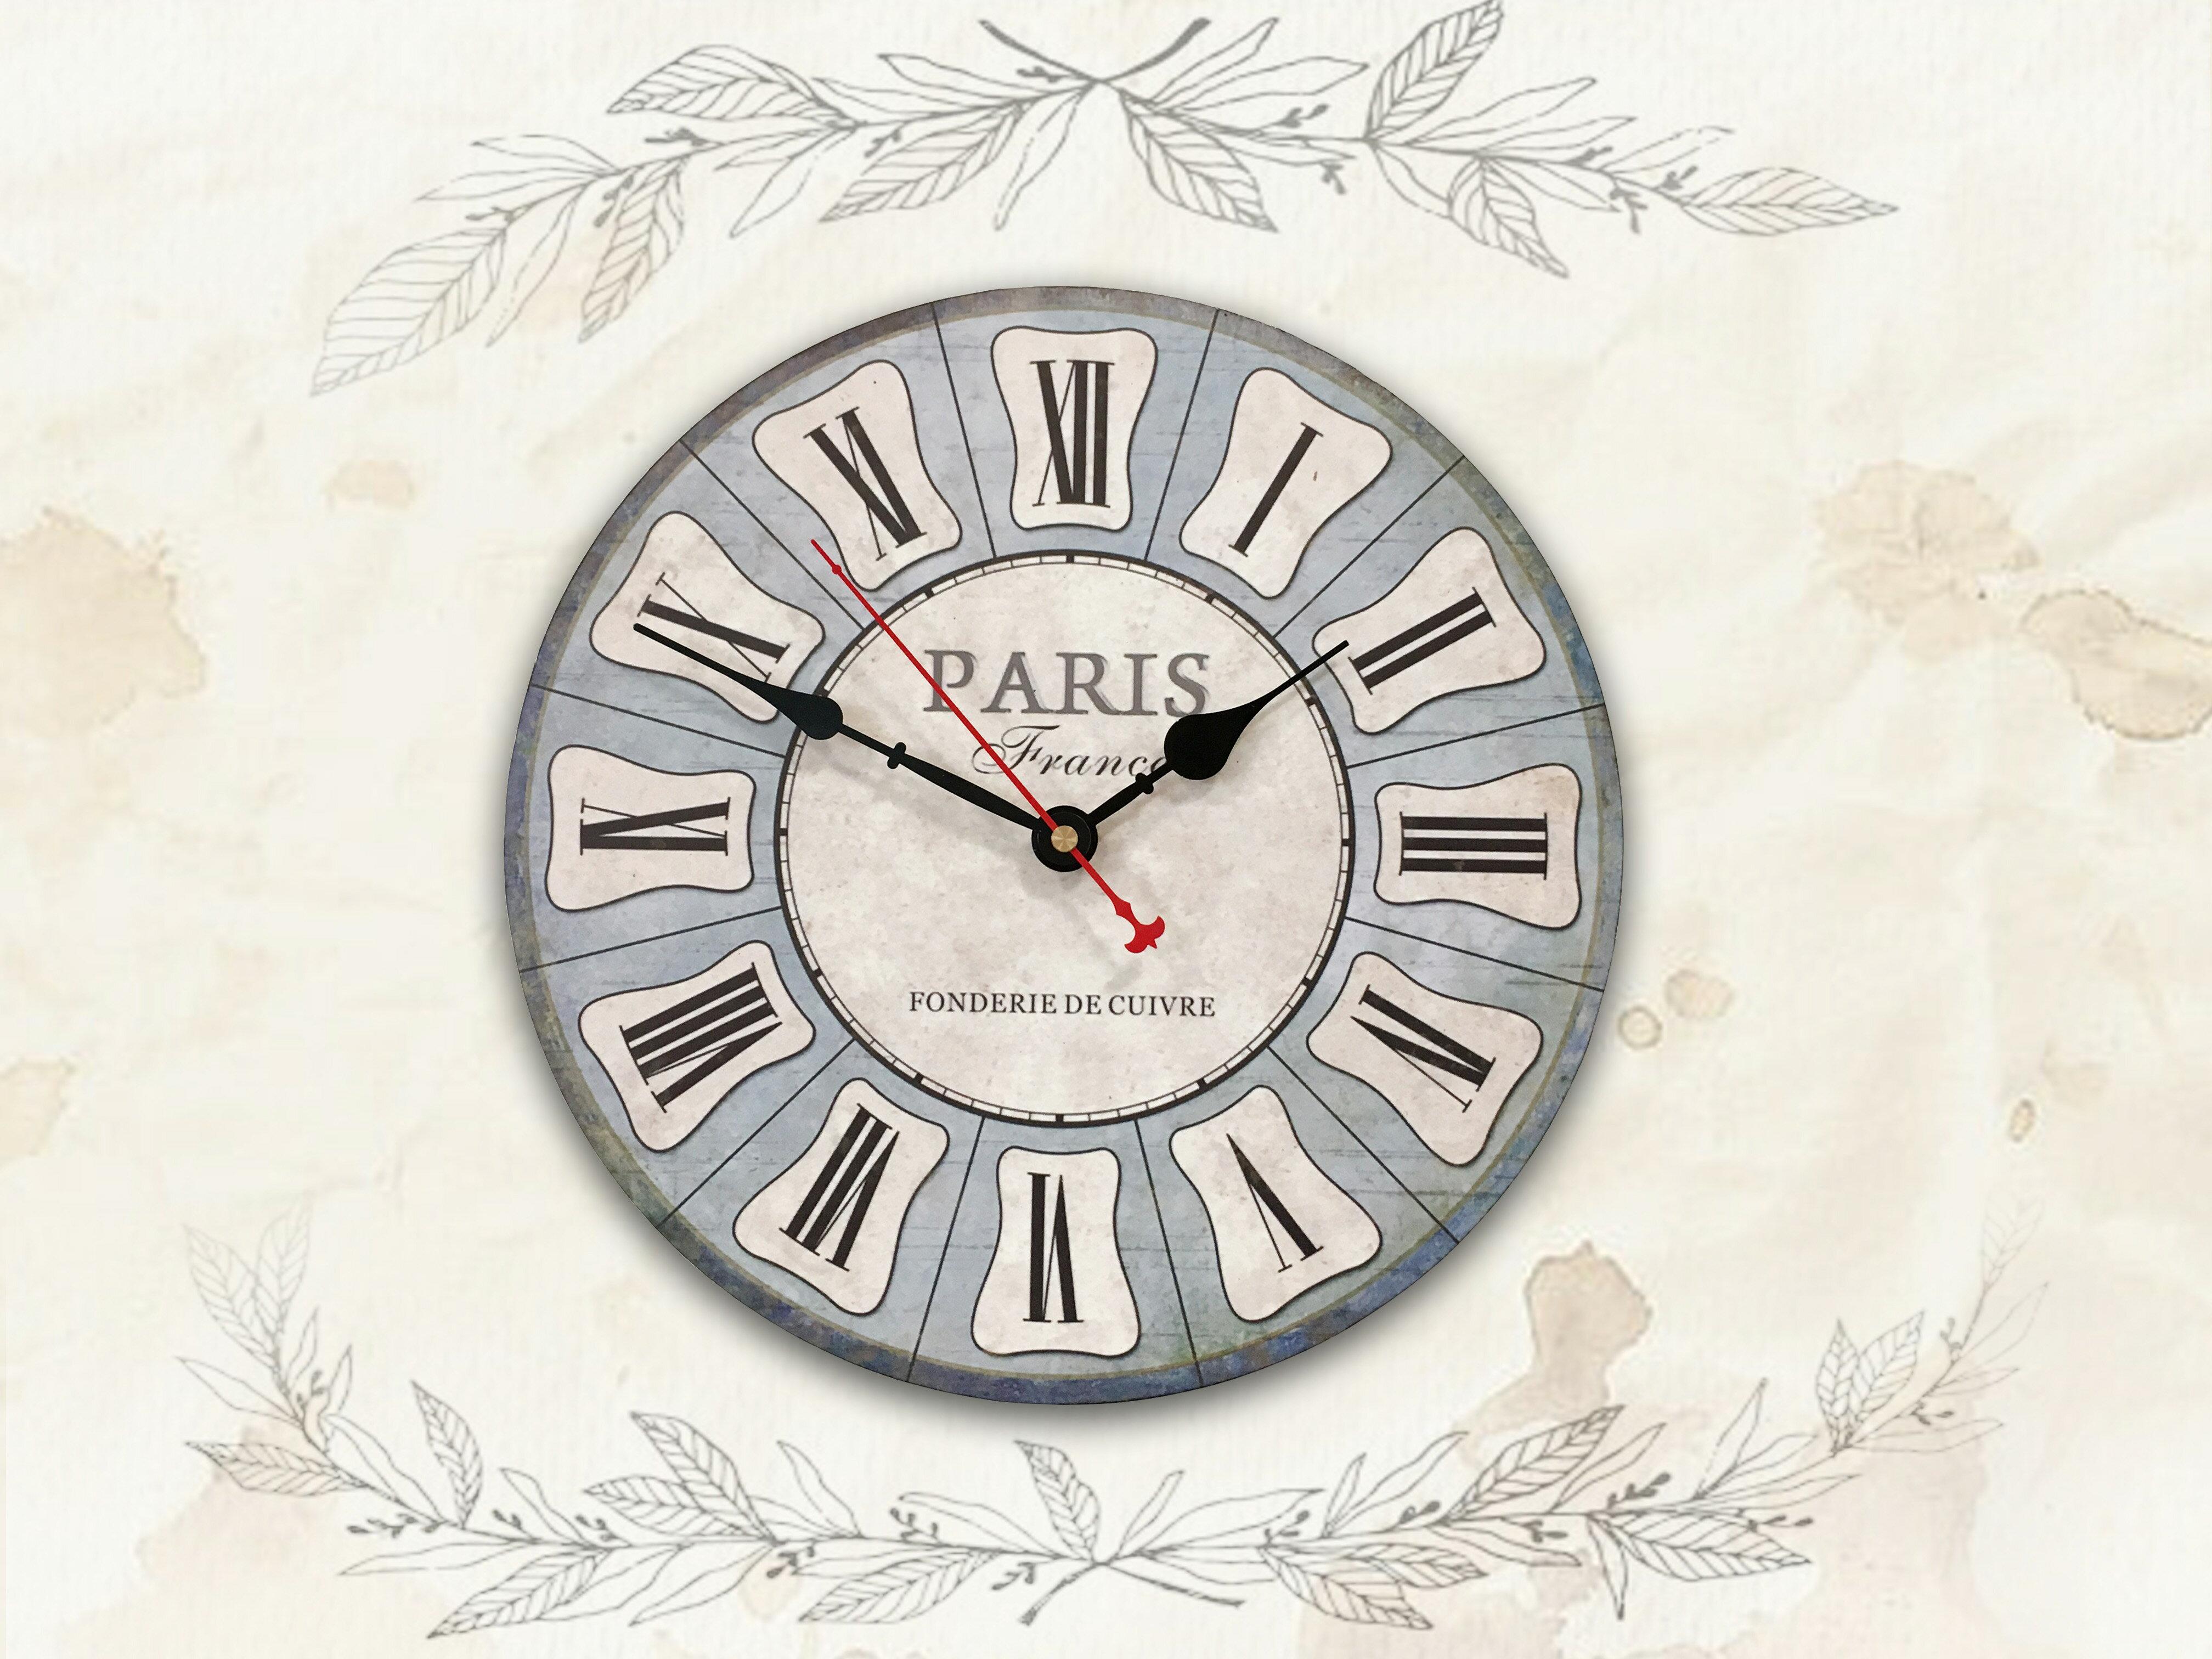 【新生活家具】淺藍 羅馬數字 現代 工業 復古 美式 鄉村 靜音時鐘 掛鐘 壁鐘 時鐘《蓋瑞》非 H&D ikea 宜家